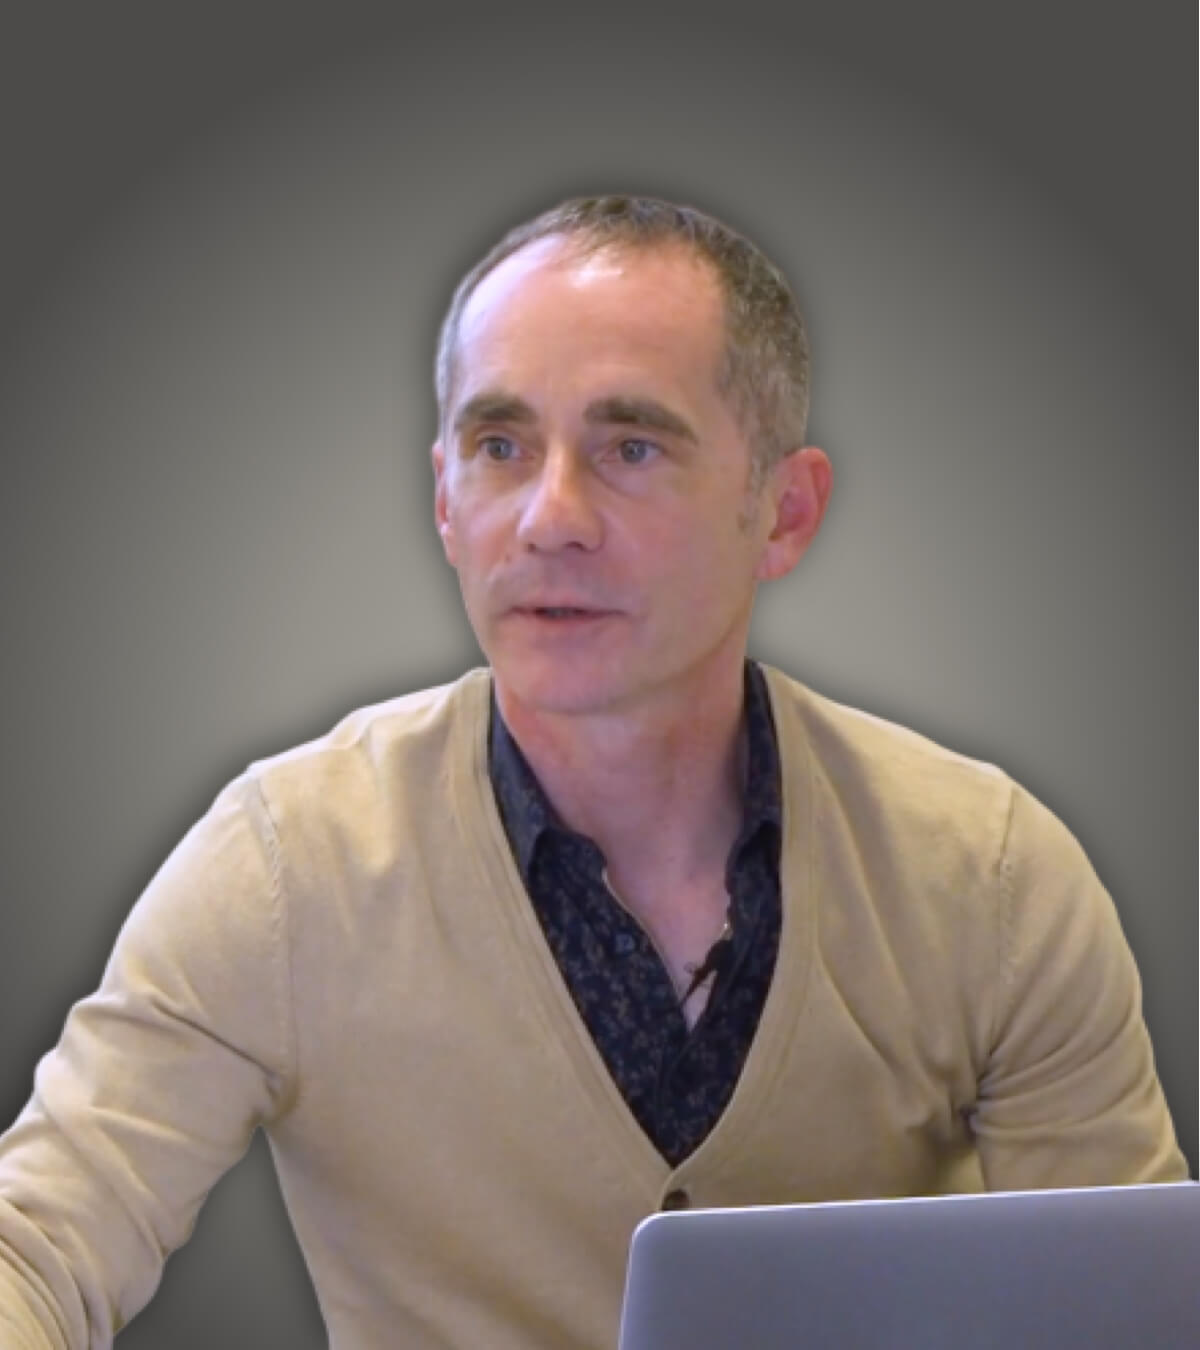 Philippe Boudes, infirmier libéral et formateur sur les conduites addictives pour Santé Académie